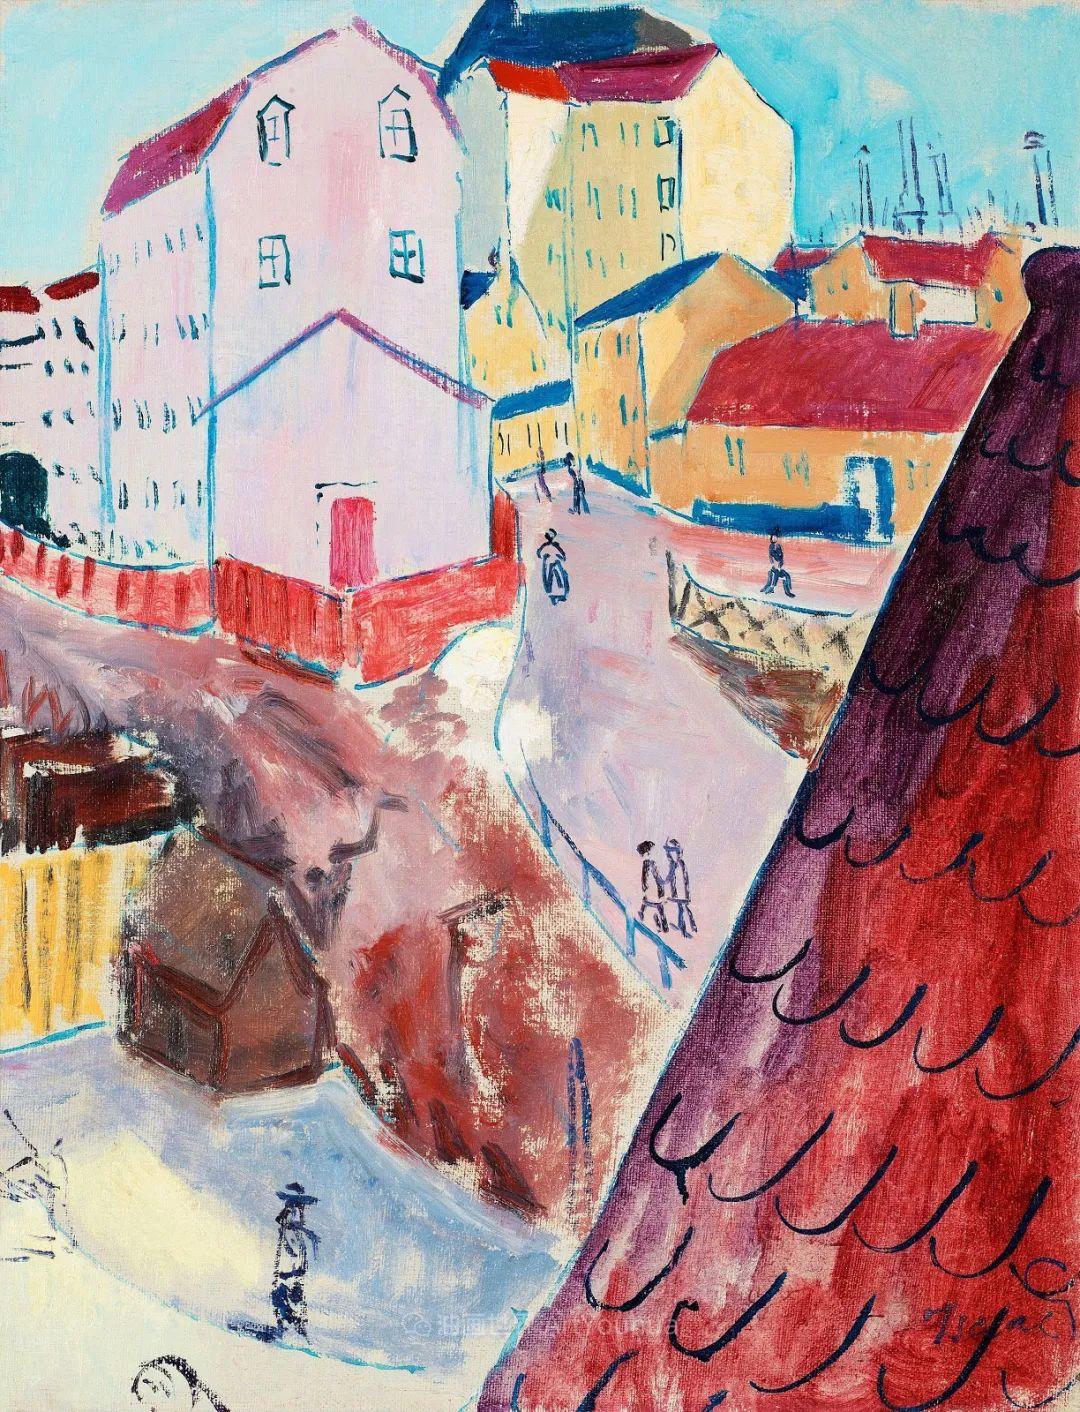 第一代瑞典现代主义的领军人物   艾萨克作品欣赏插图109